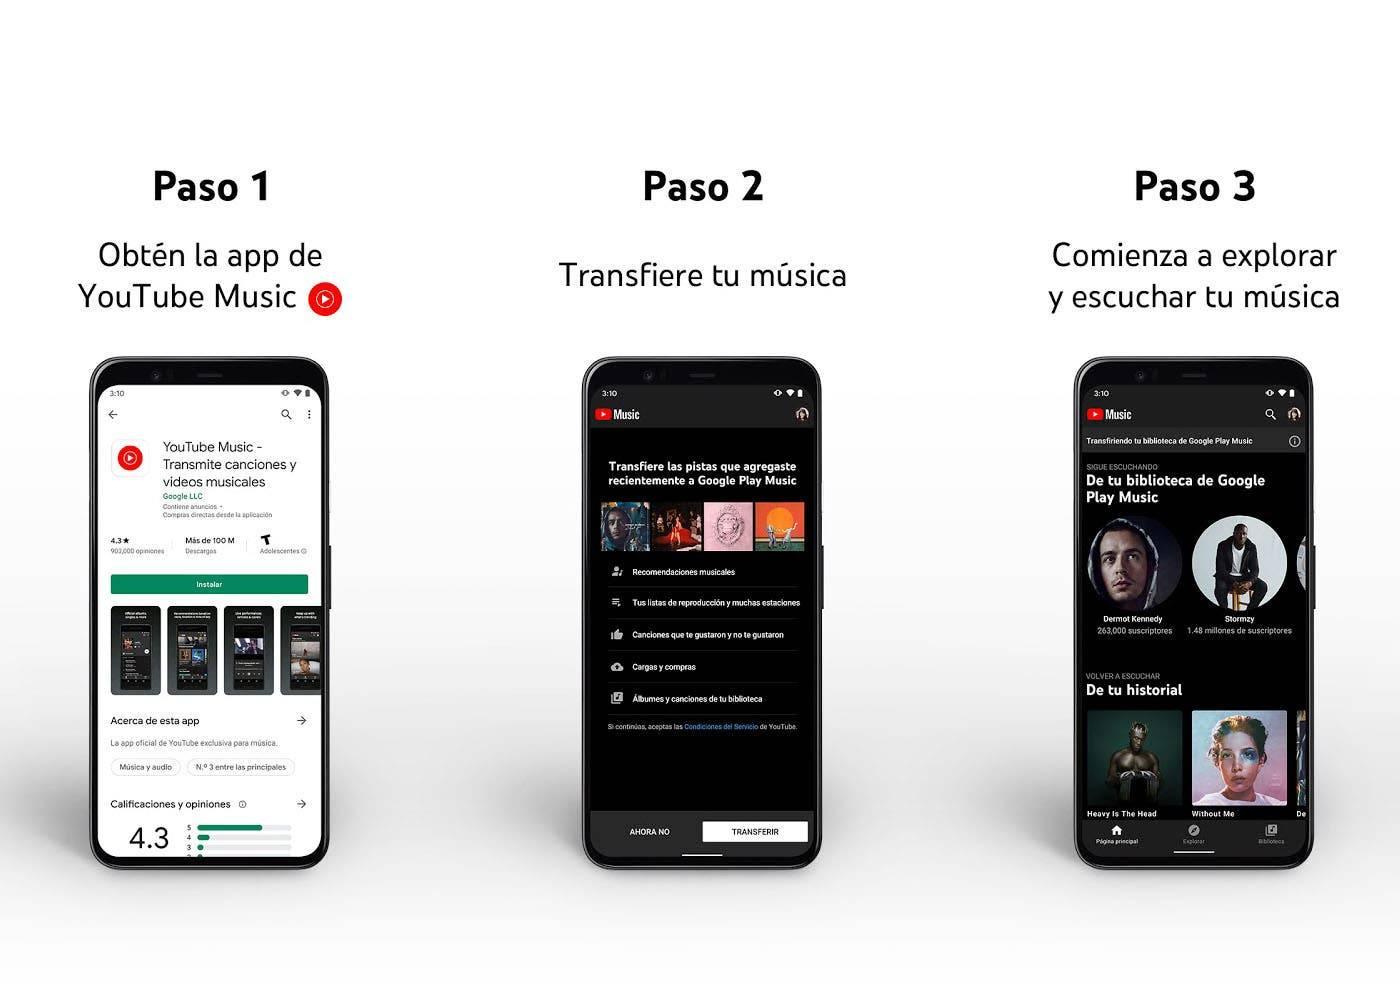 Google Play Music desaparecerá por completo en diciembre, así puedes salvar tu música